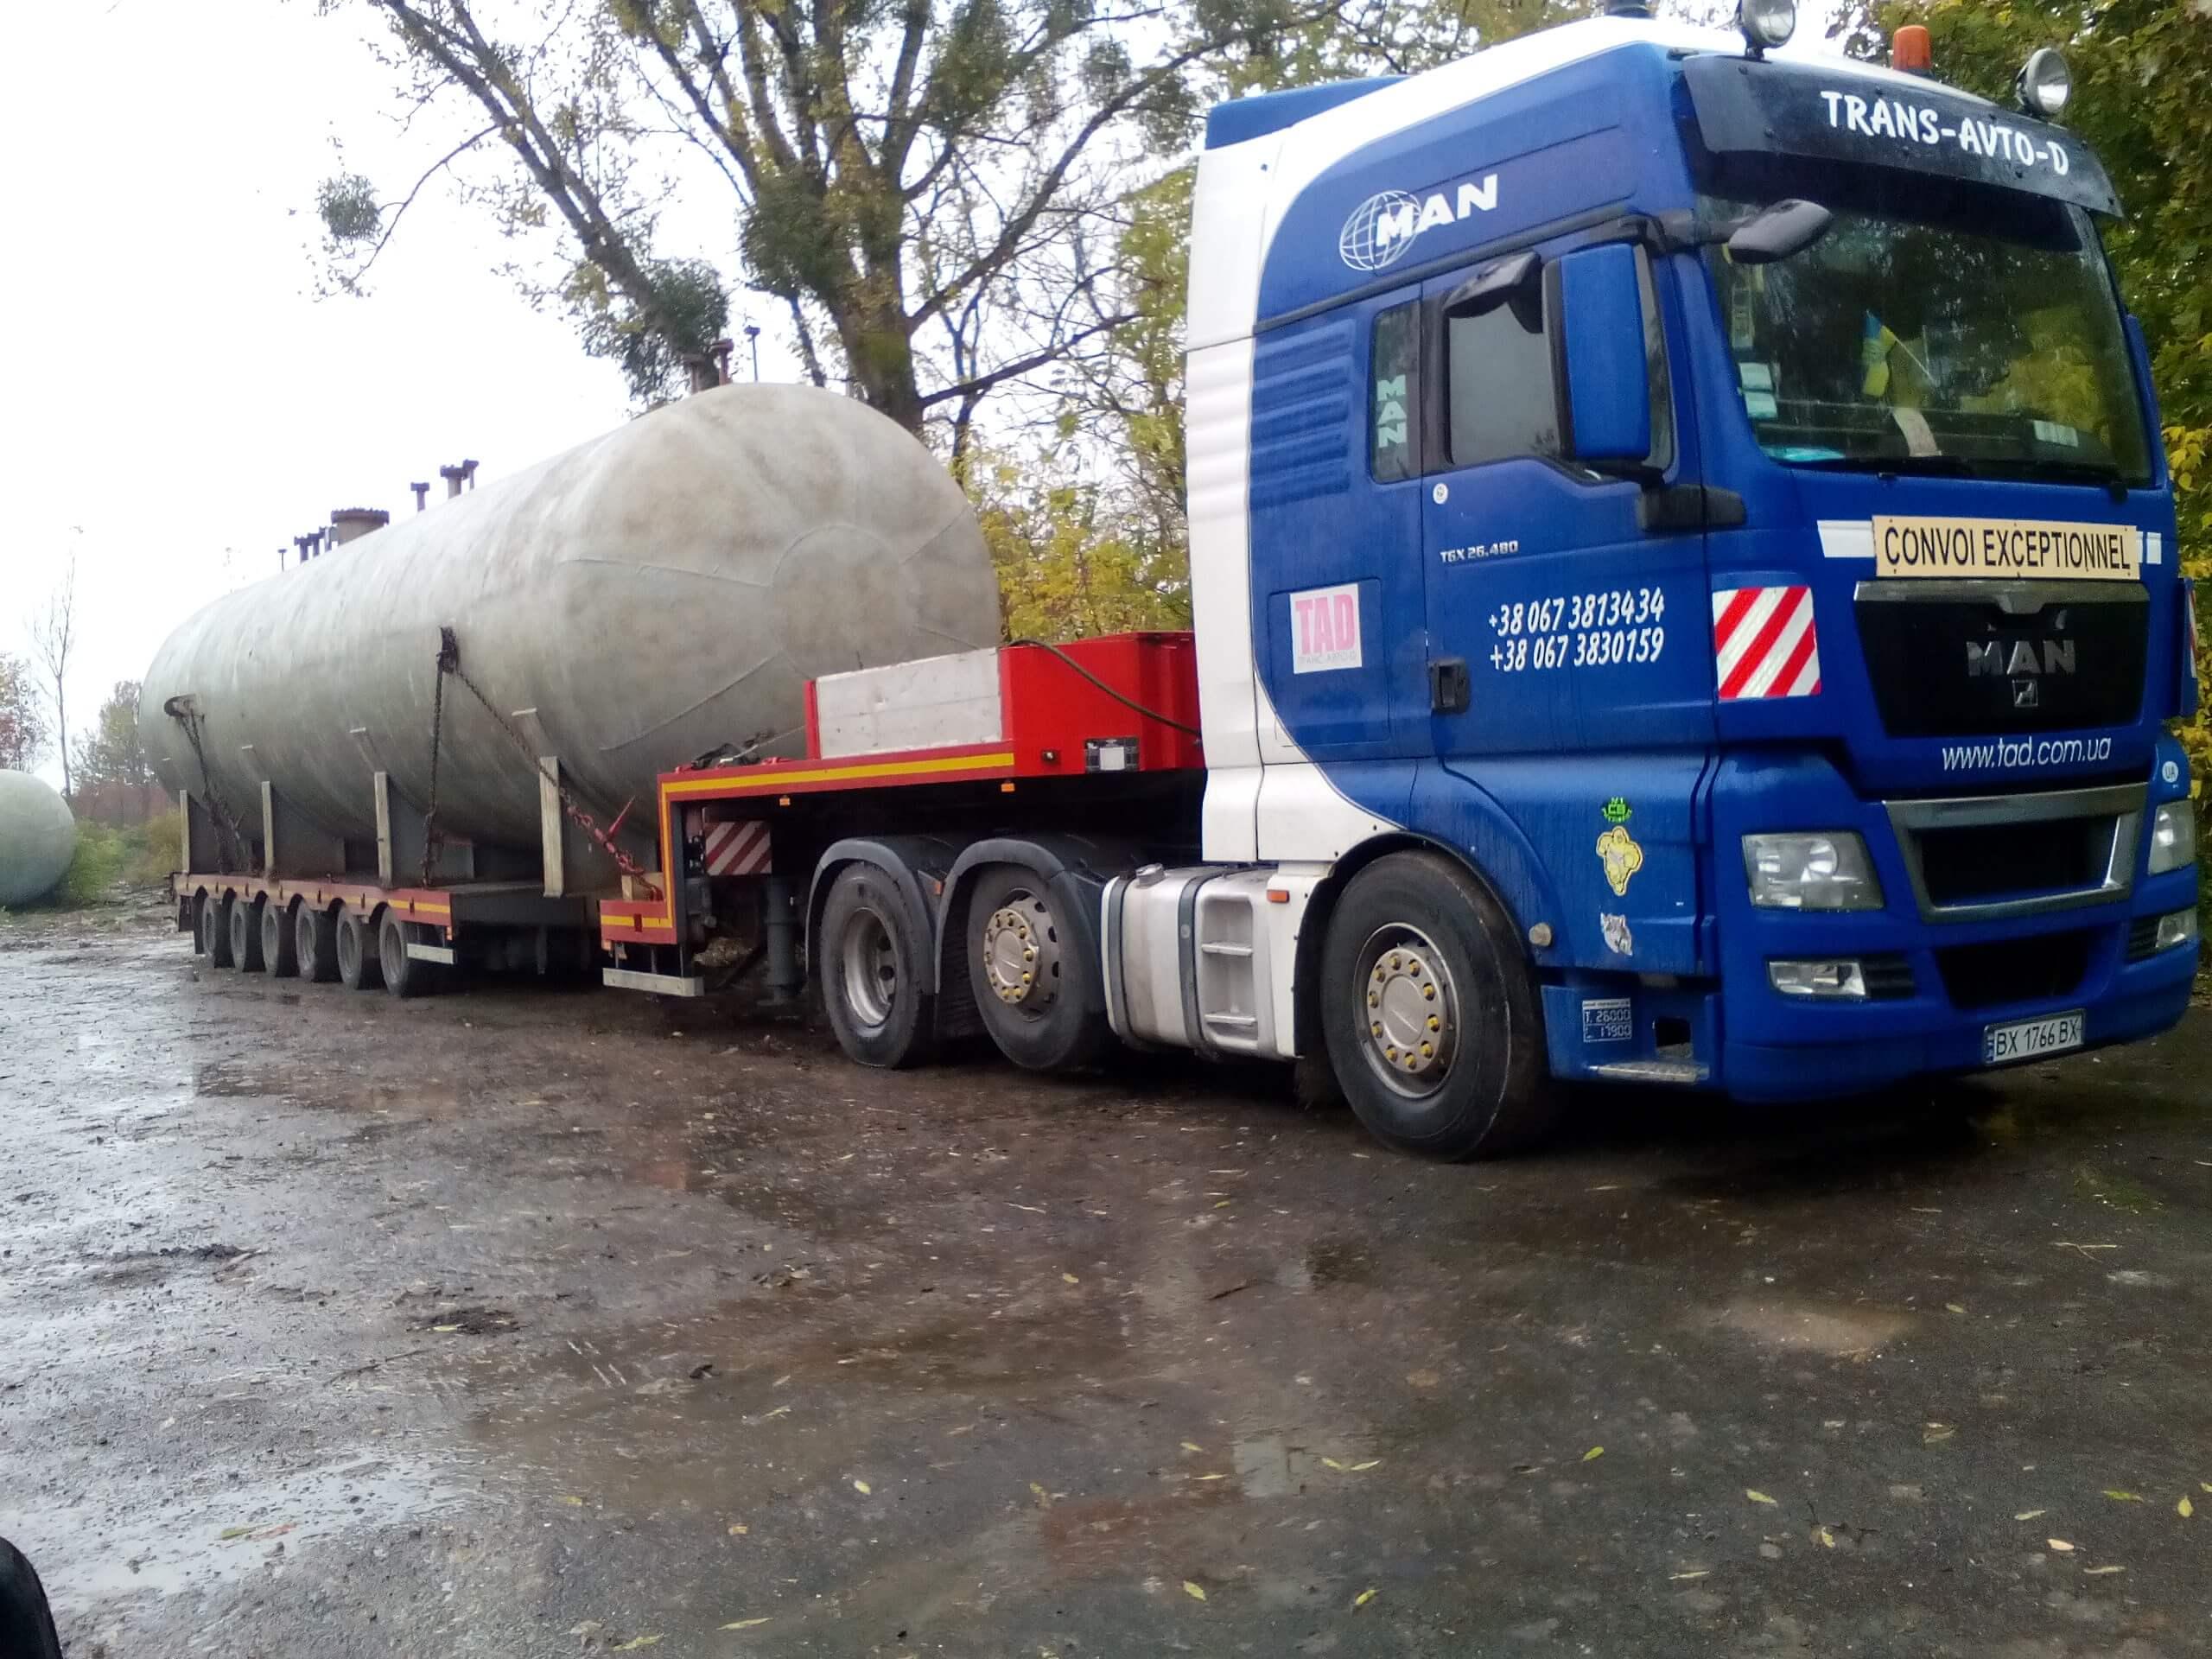 Перевозка емкостей для хранения газа